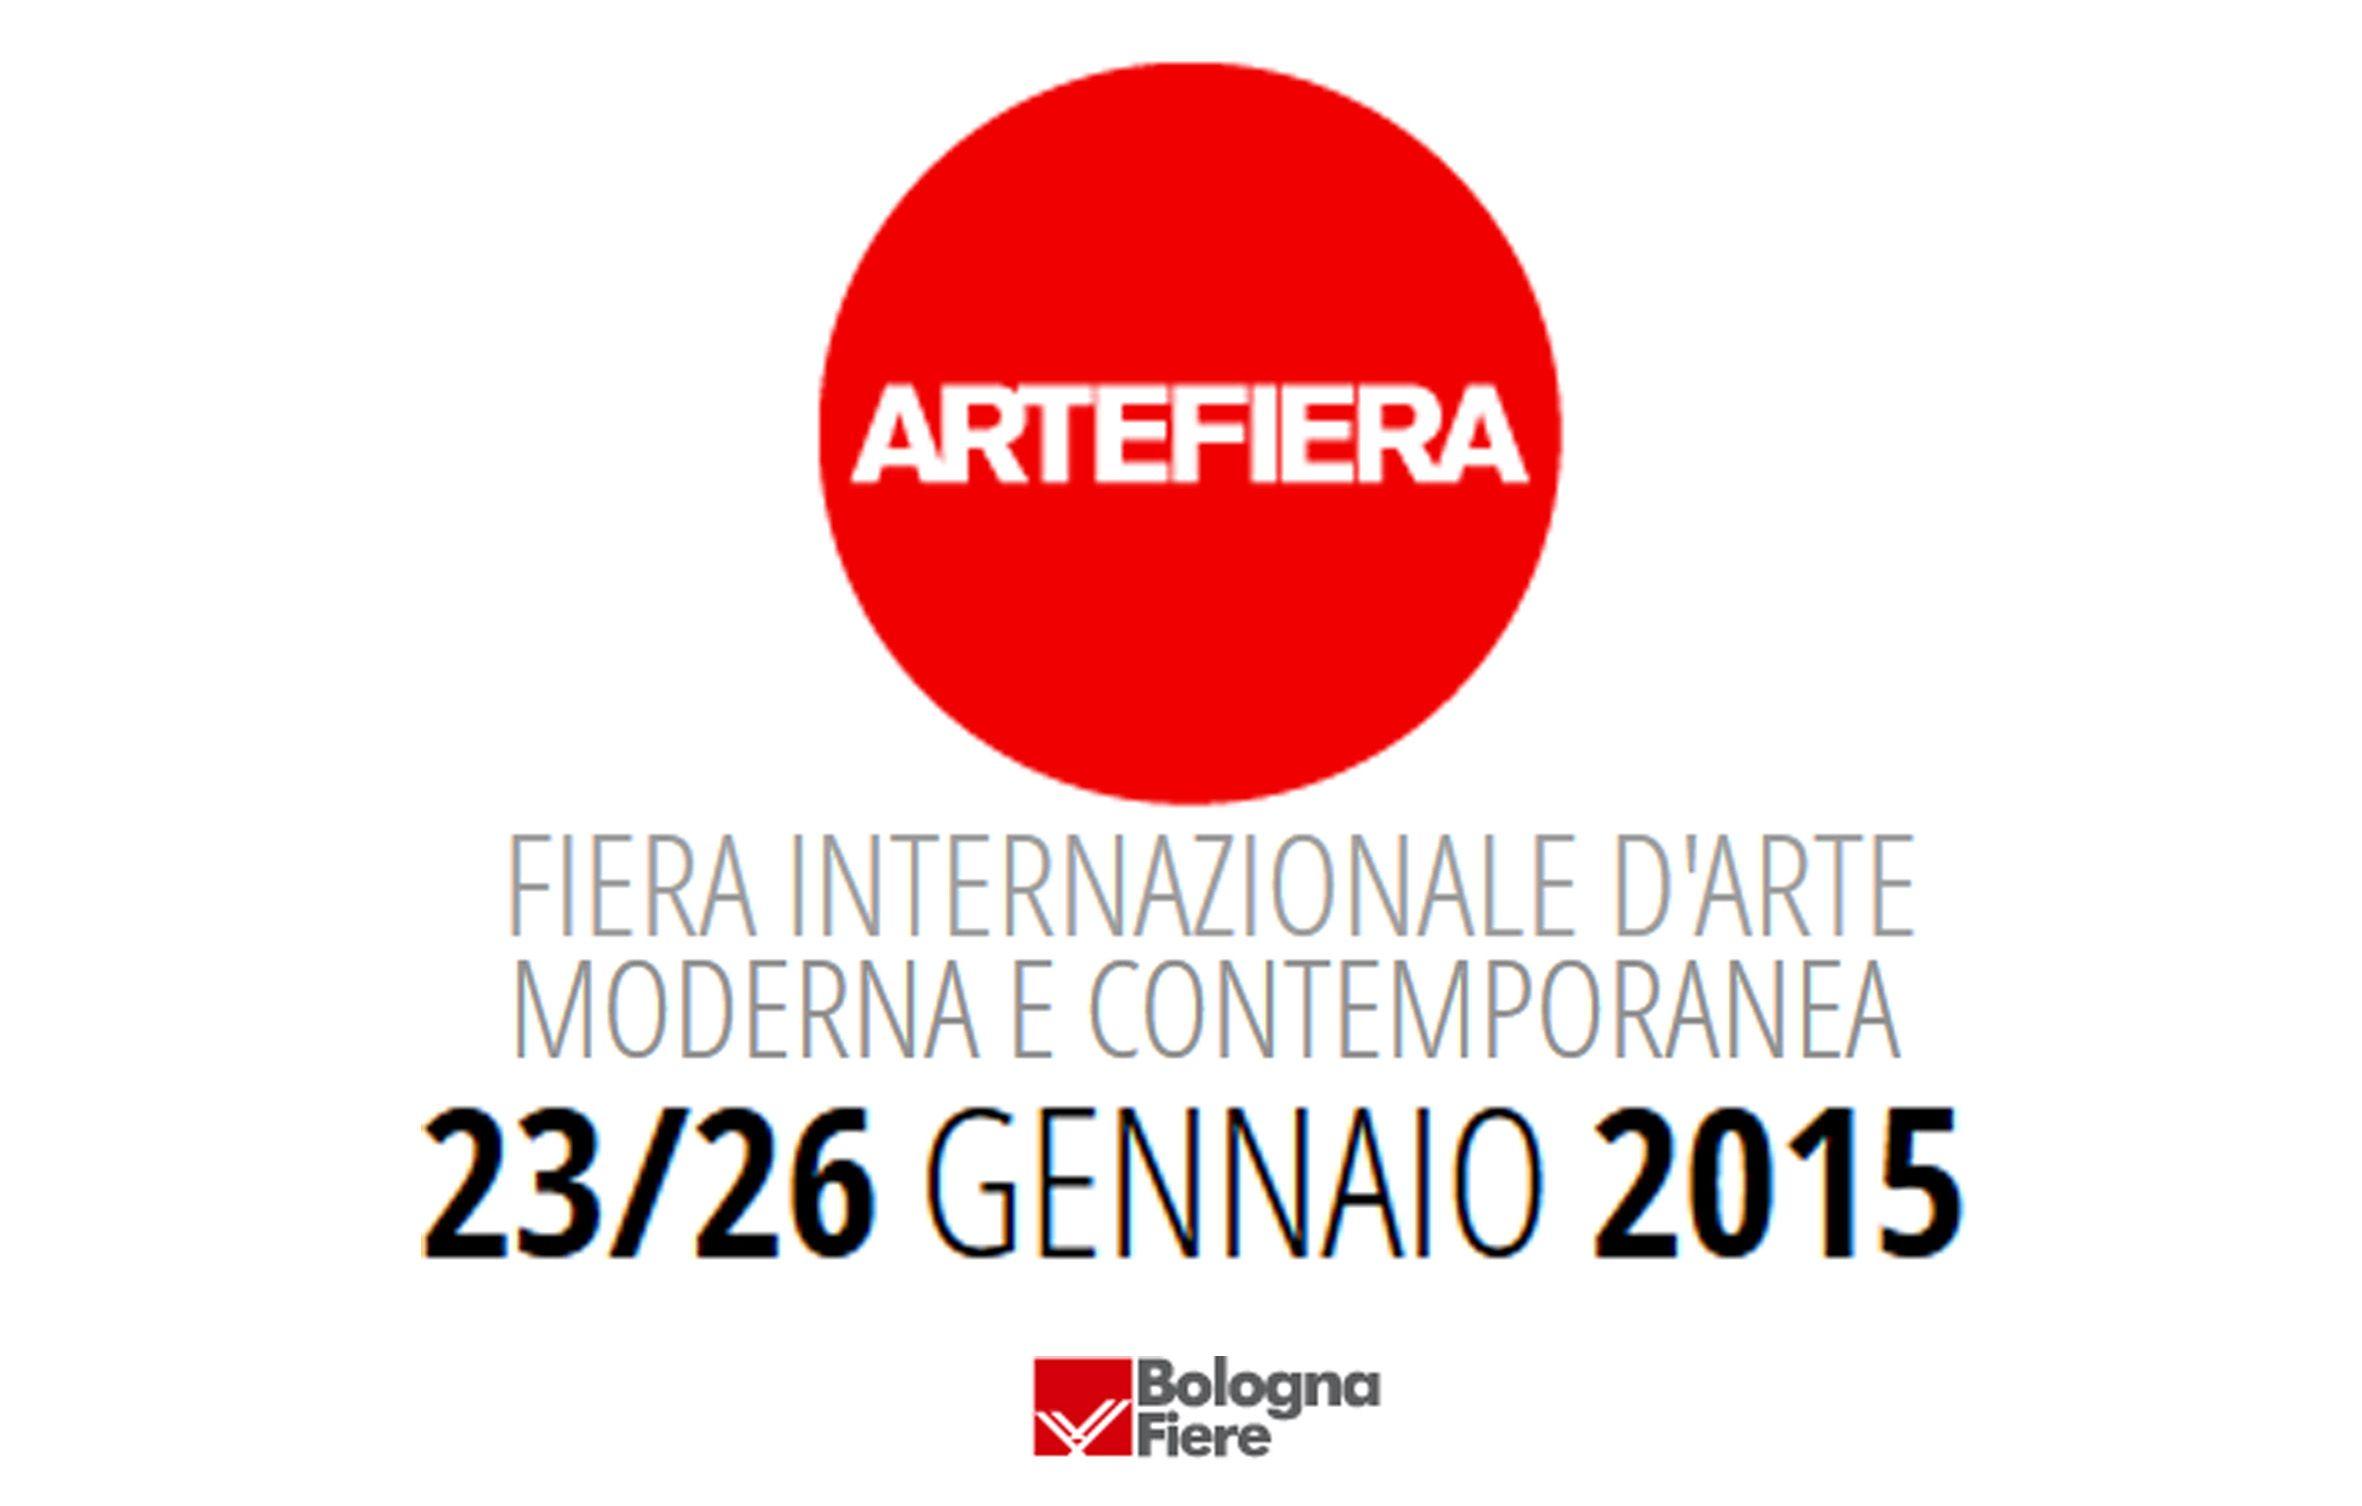 Art First Bologna: la Fiera Internazionale di Arte Moderna e Contemporanea dal 23 al 26 gennaio 2015